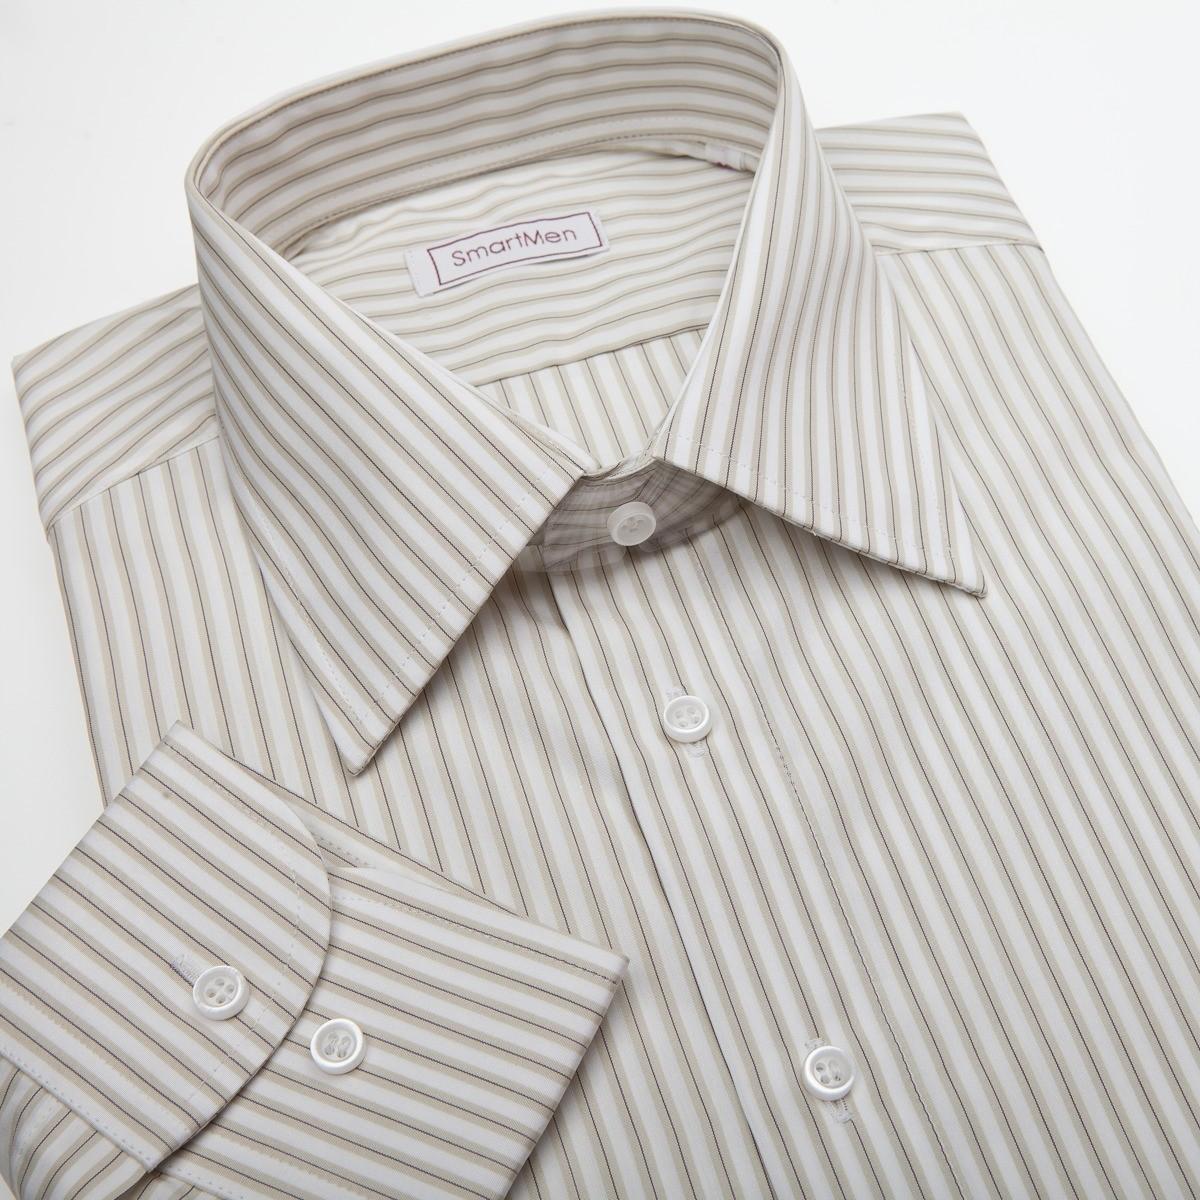 Pánská košile s proužky na bílém podkladu 7bd29a6382